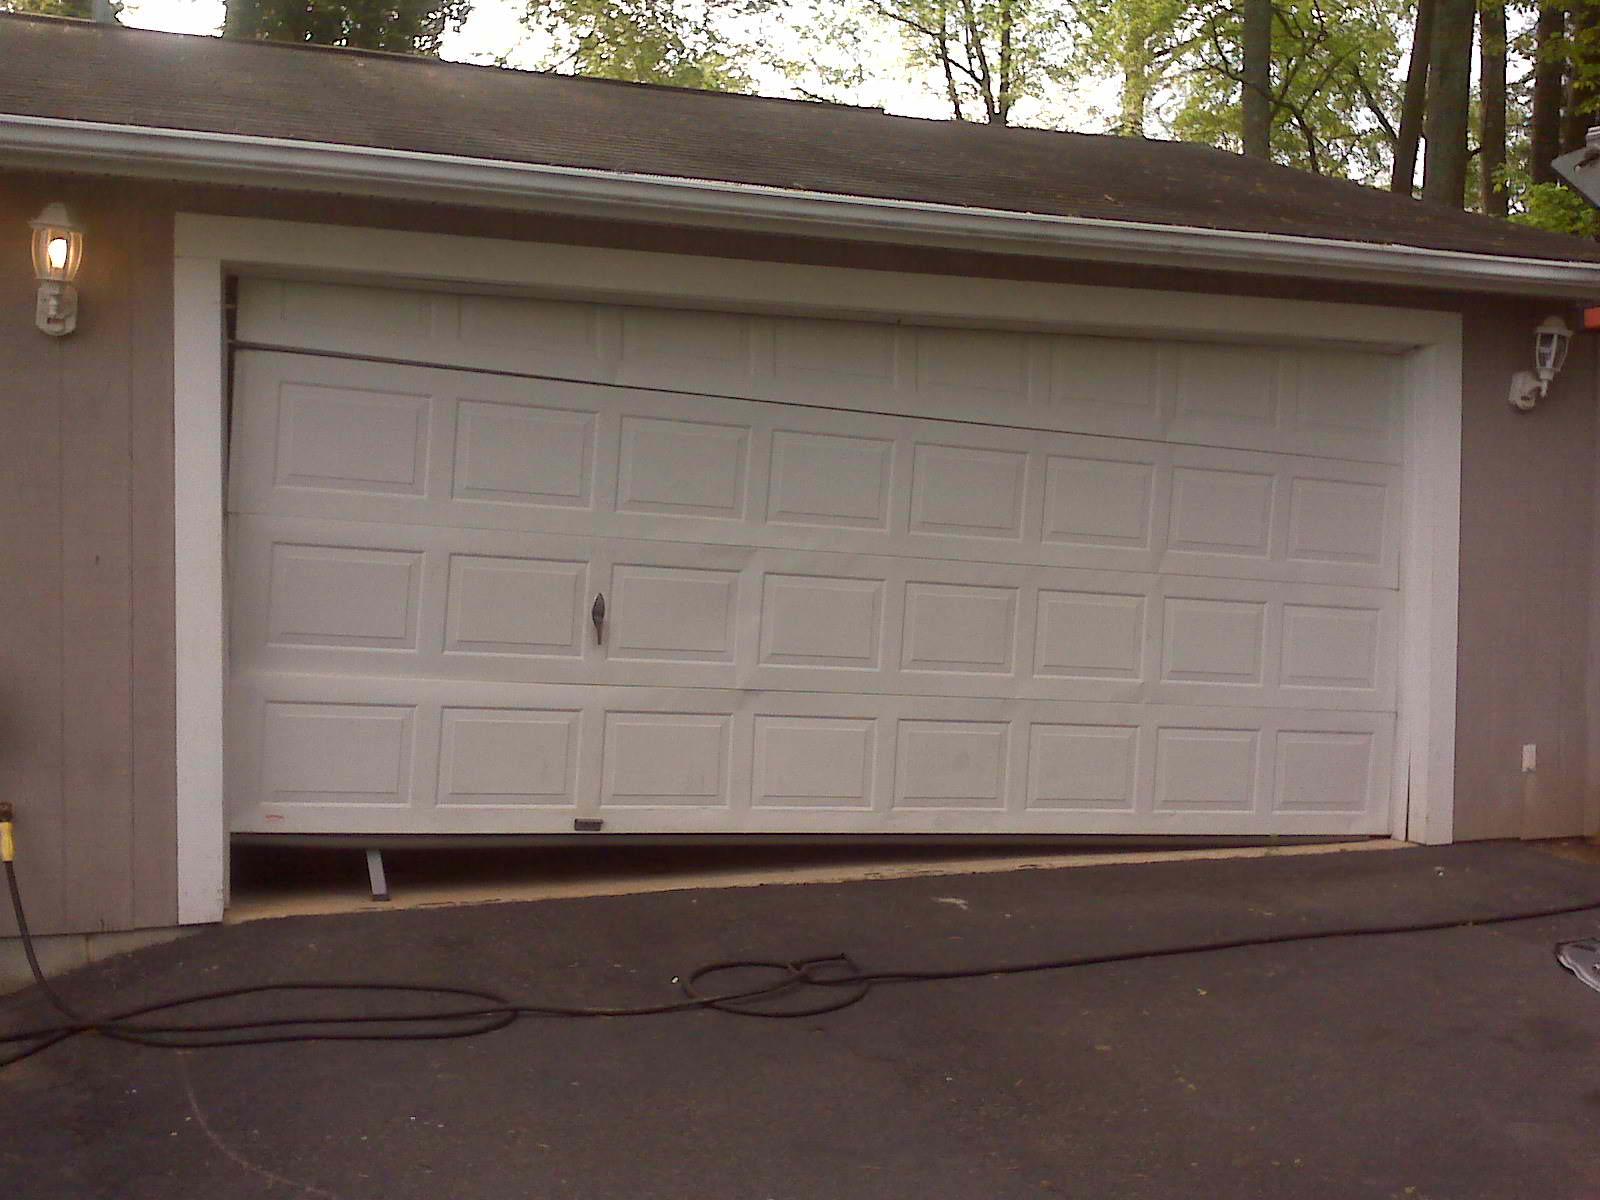 Door Tech Garage Door Repair 123 N State College Blvd, Fullerton, CA 92831    YP.com